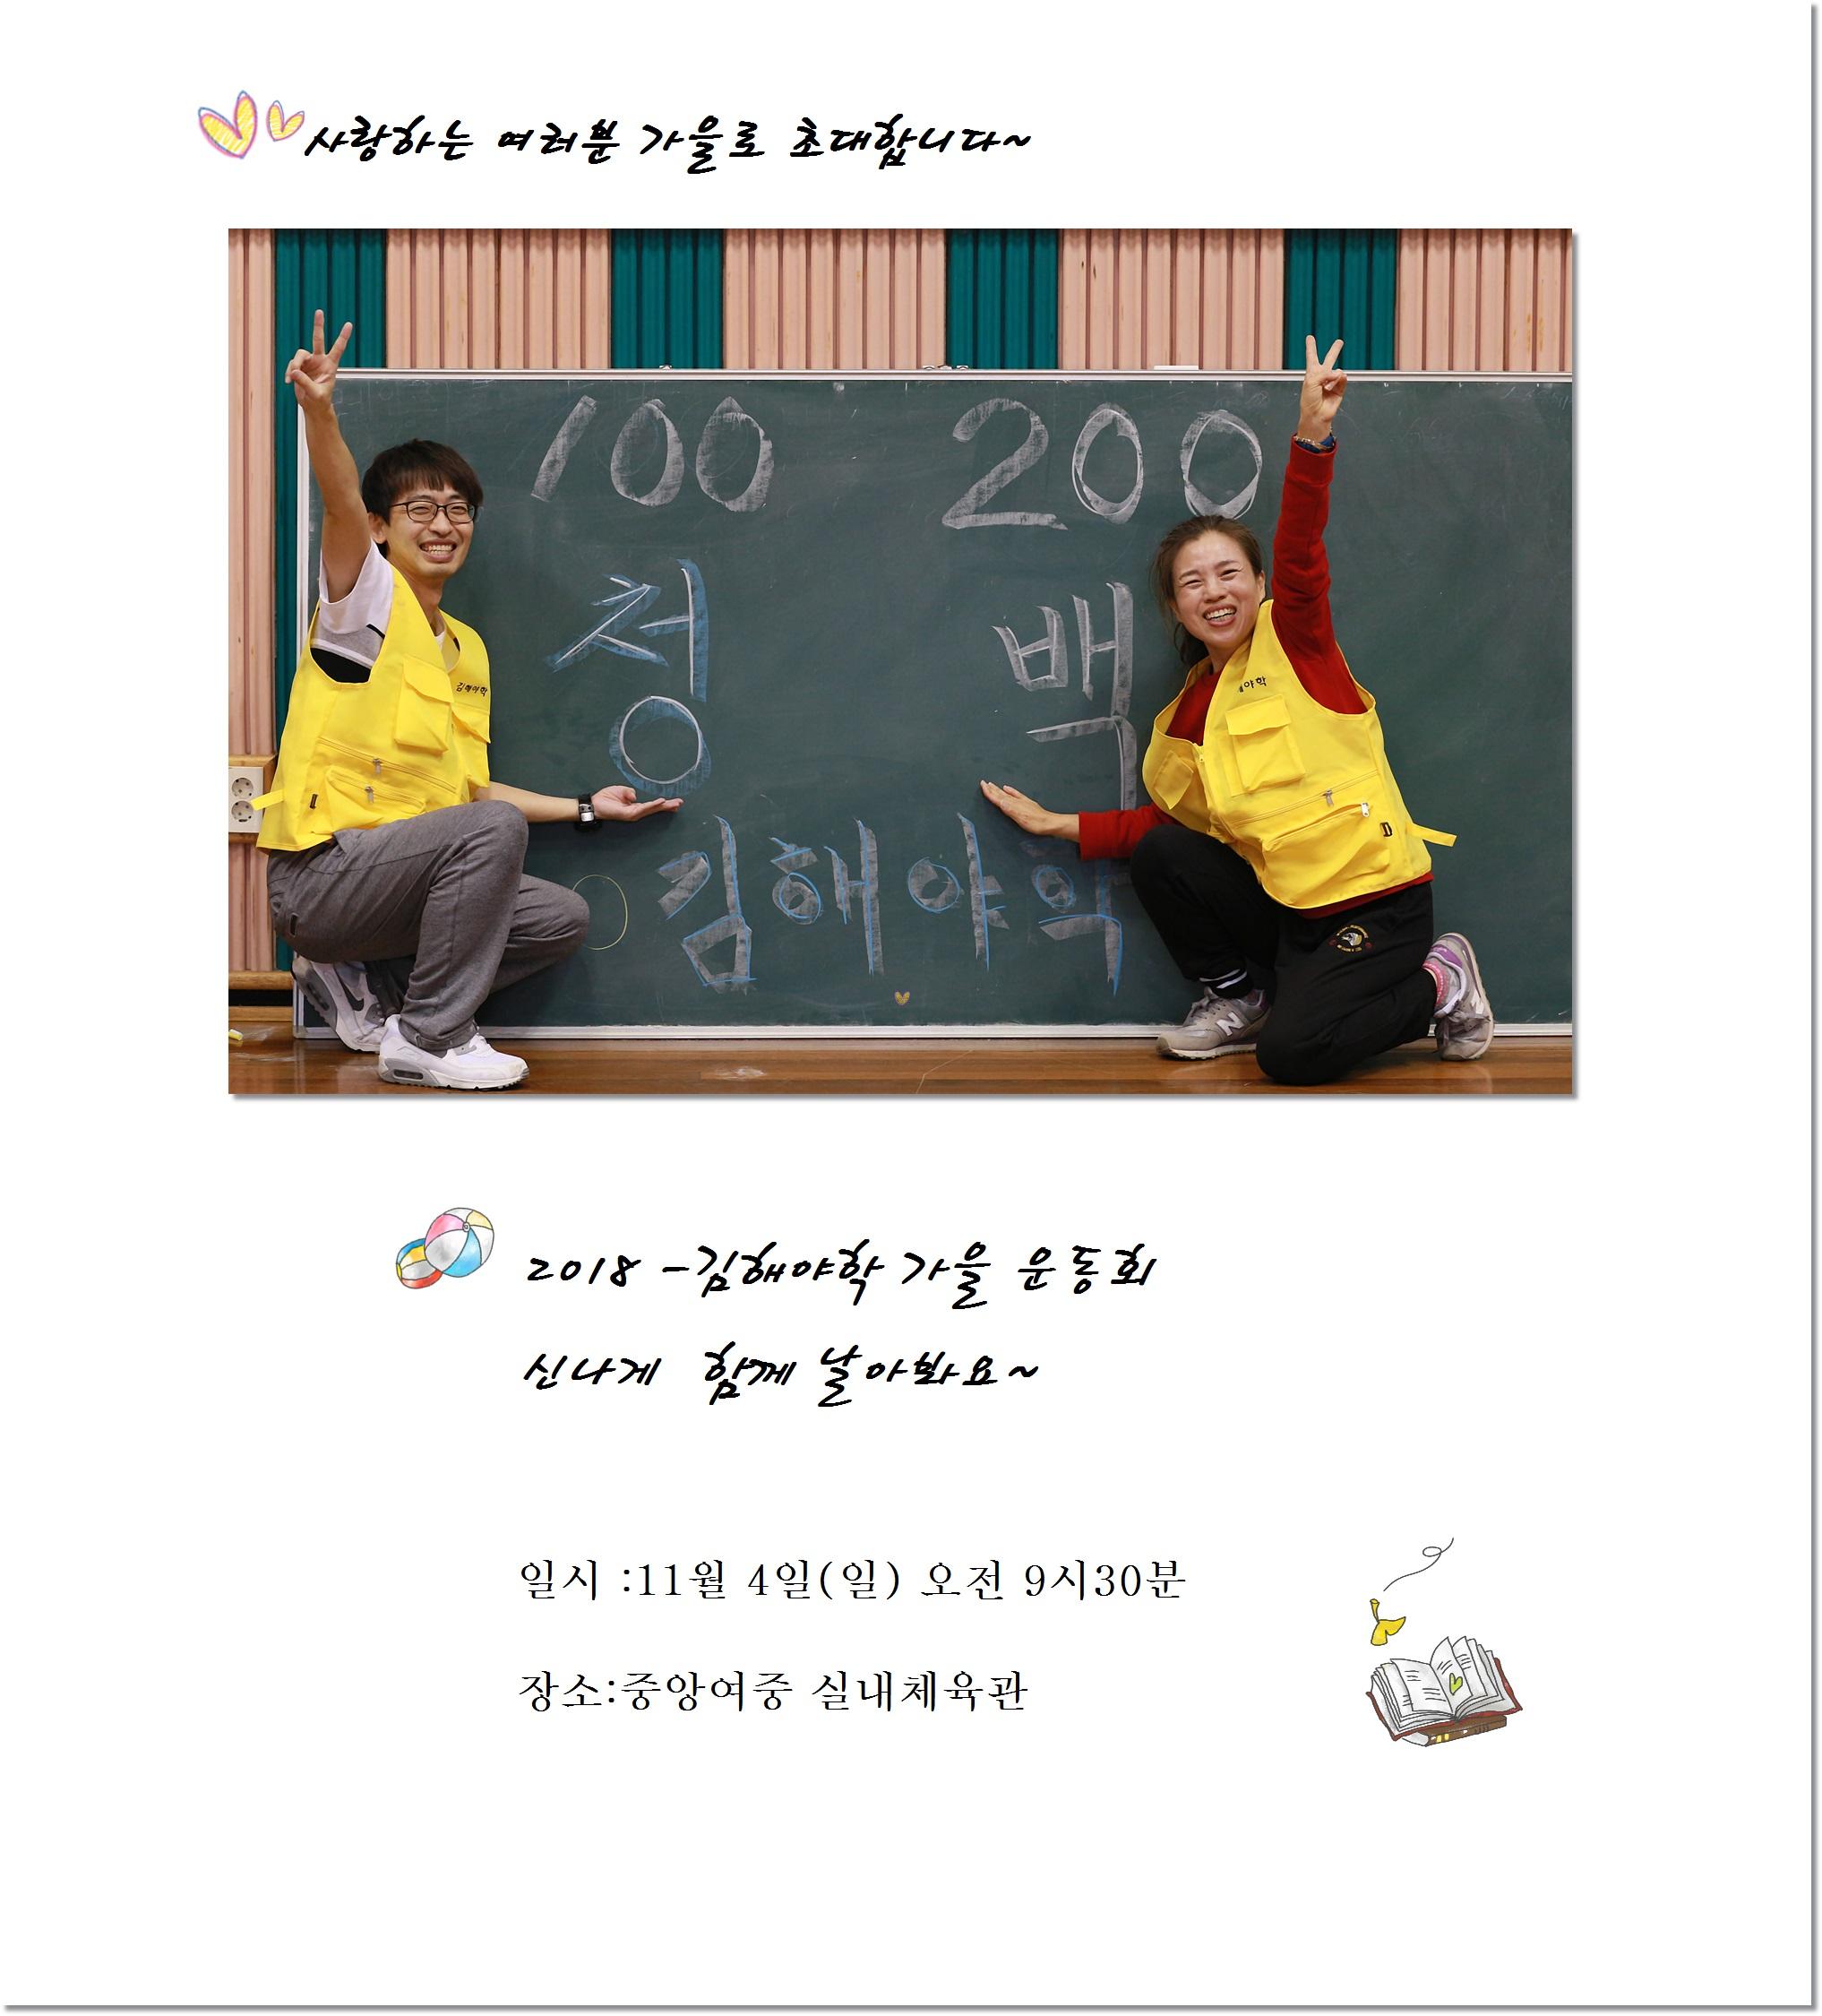 18년 가을운동회 홍보 자료-3.JPG